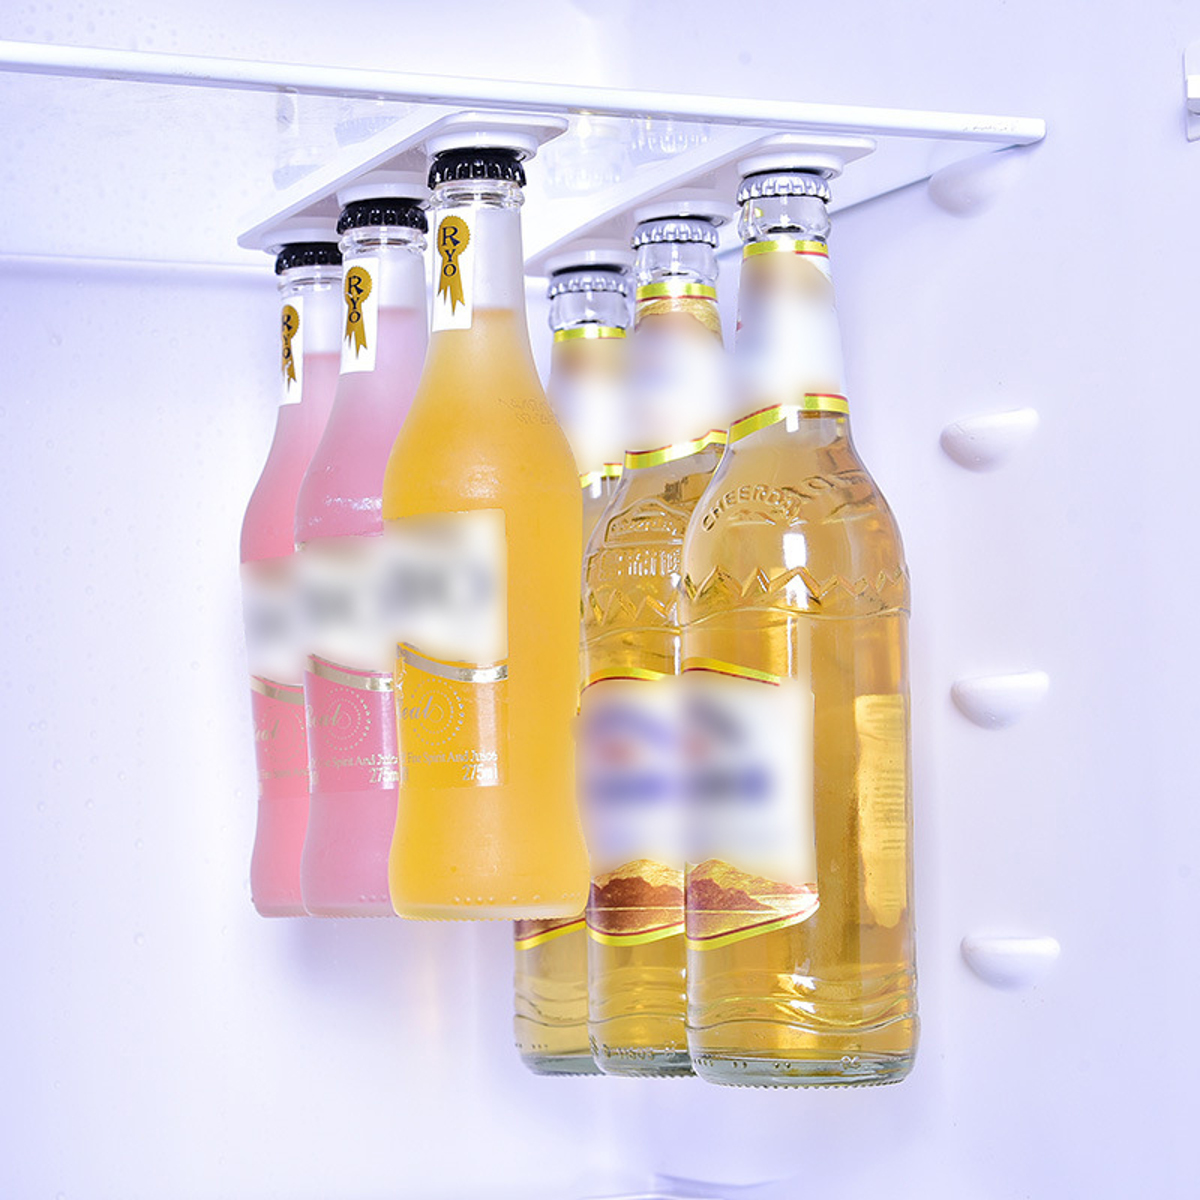 Flaschenhalter Flaschenregal Halter Getränke Bier Kühlschrank Lagerung Ablage